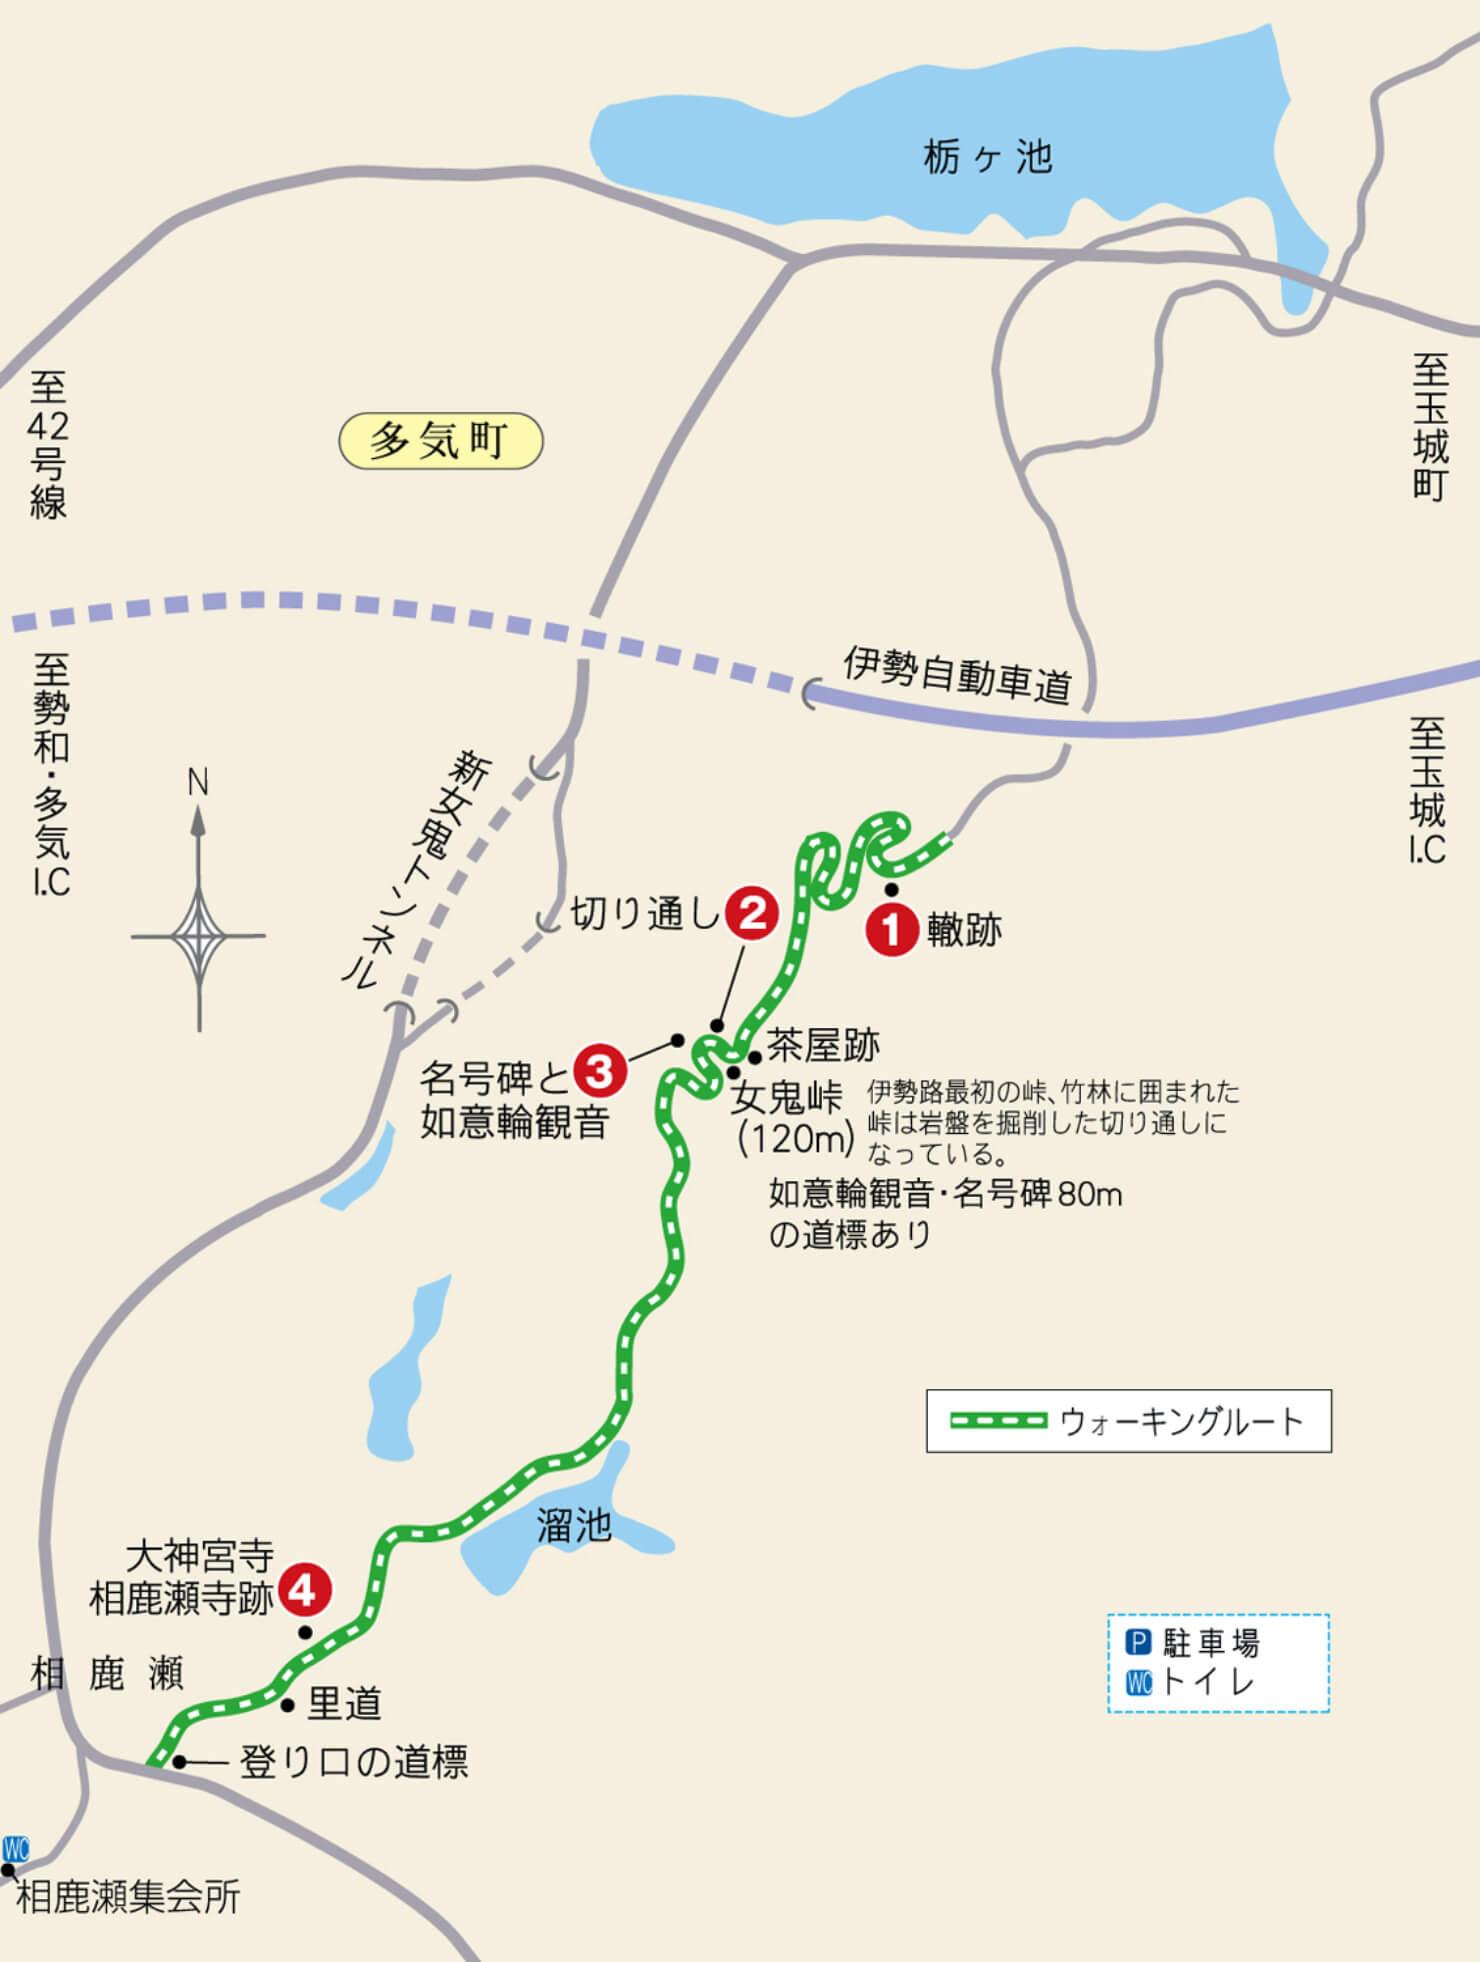 女鬼峠(めきとうげ)地図